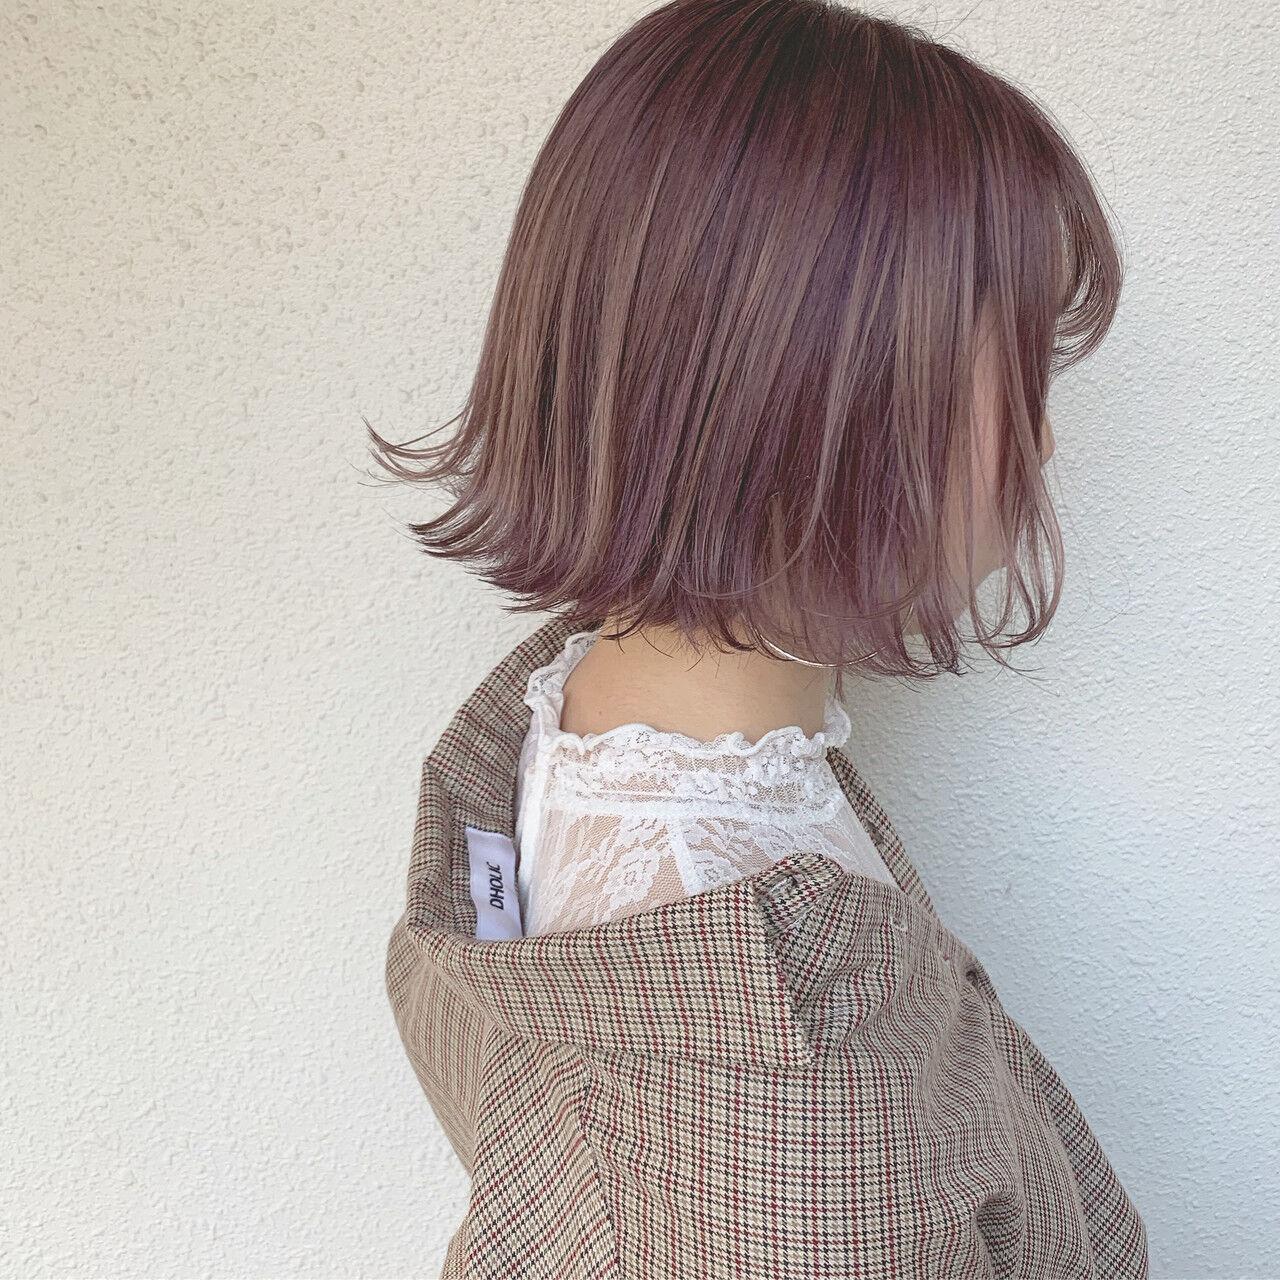 パープル ハイトーンカラー ショート ショートボブヘアスタイルや髪型の写真・画像